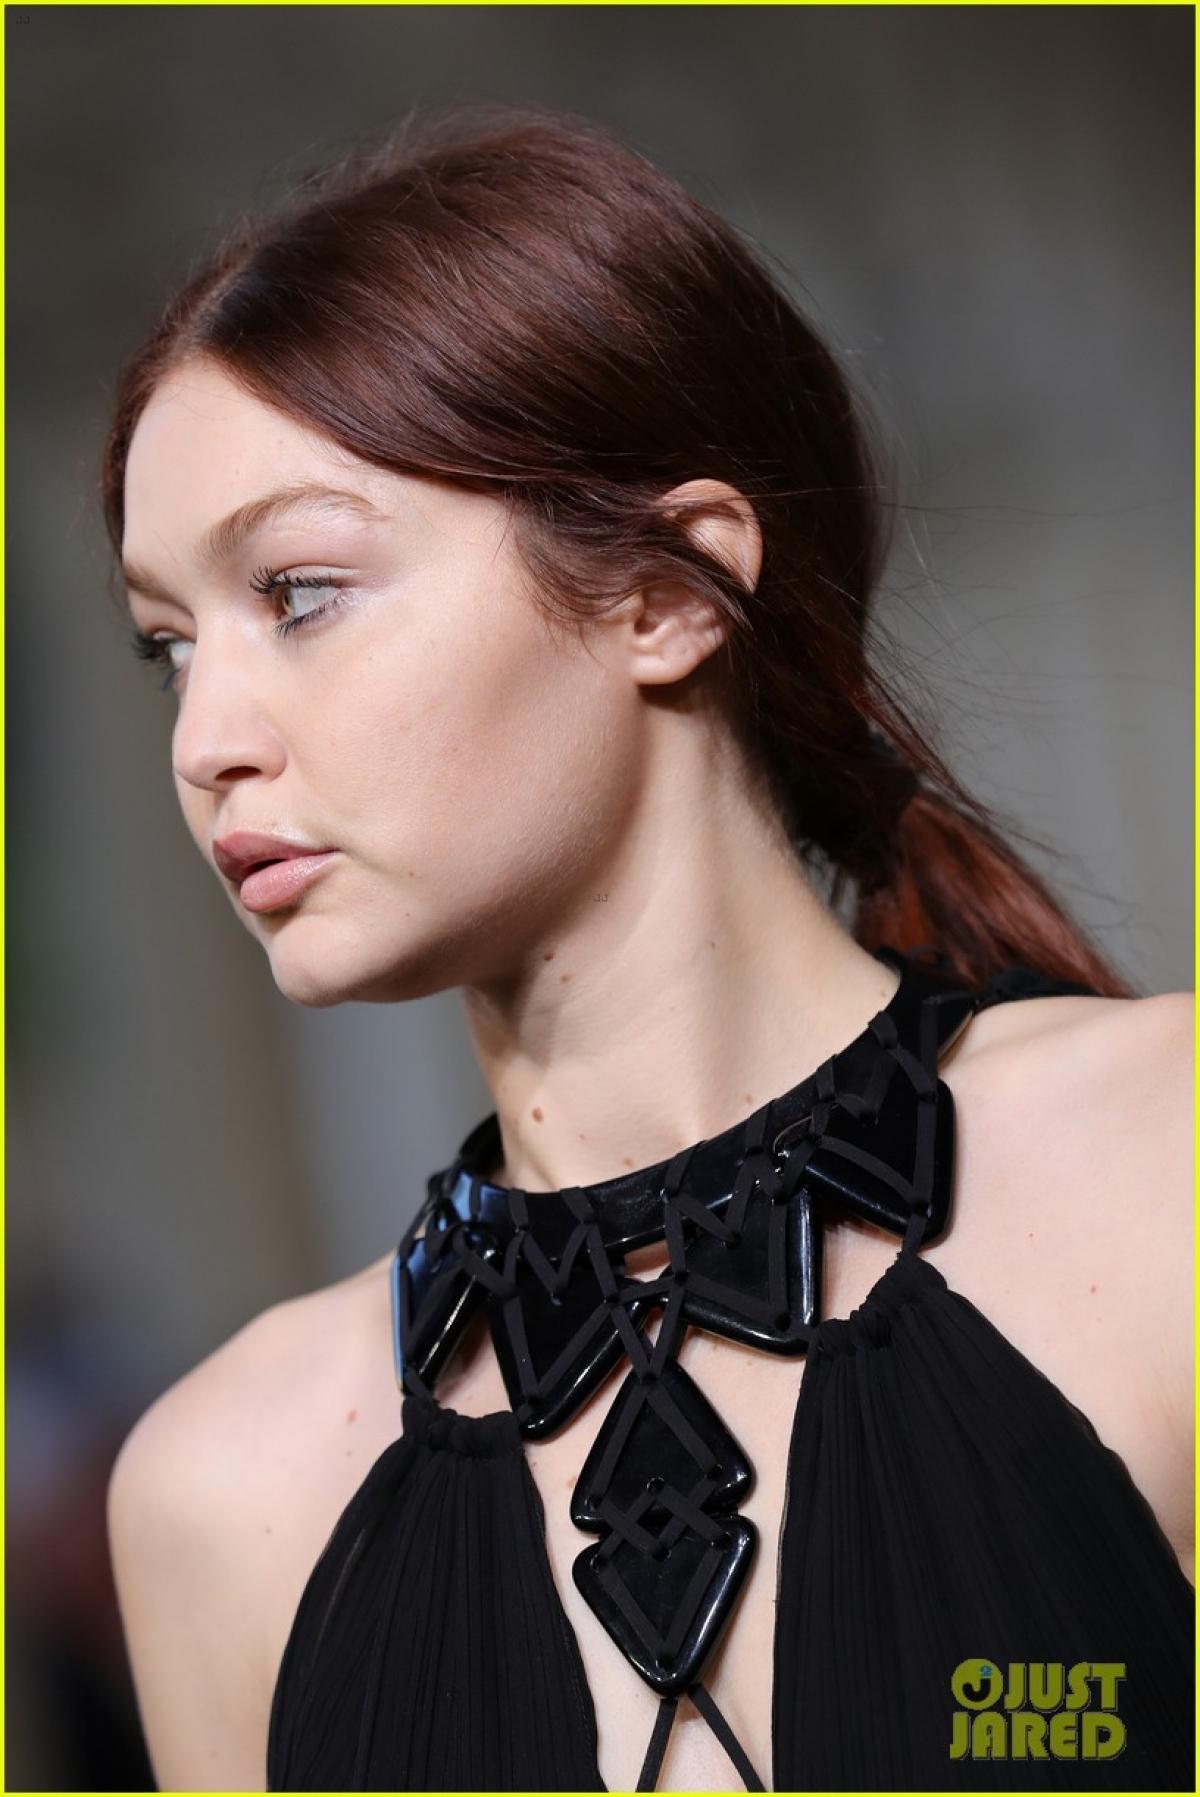 Người đẹp Mỹ trang điểm, làm tóc nhẹ nhàng, thu hút bởi vẻ ngoài xinh đẹp.